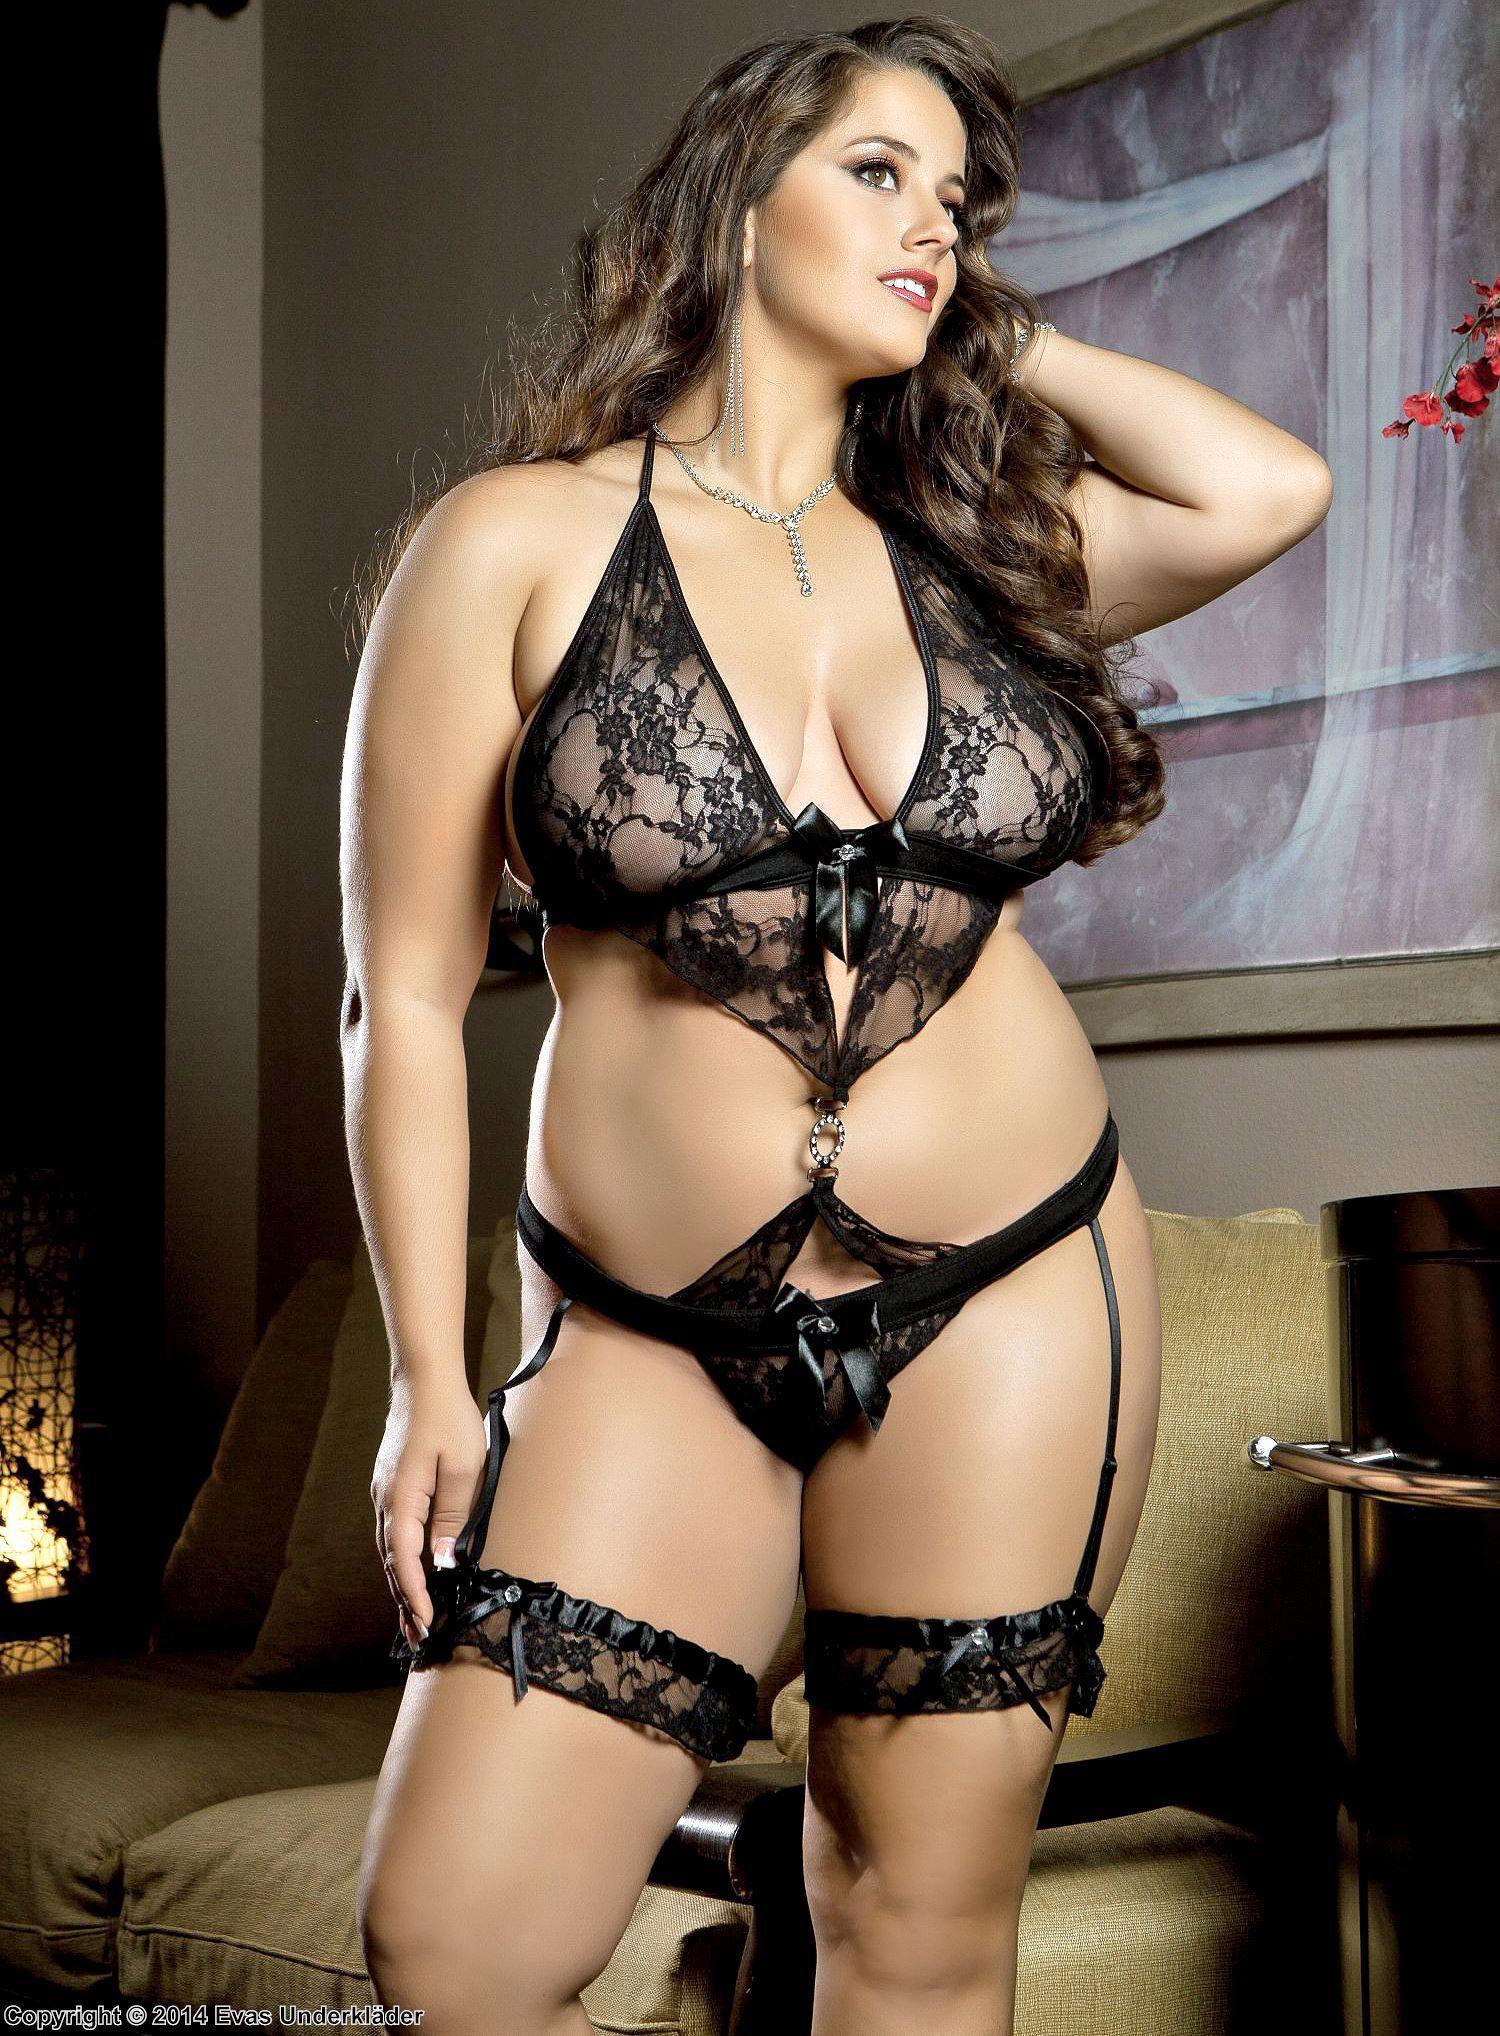 sexiga underkläder kläder erotik för tjejer